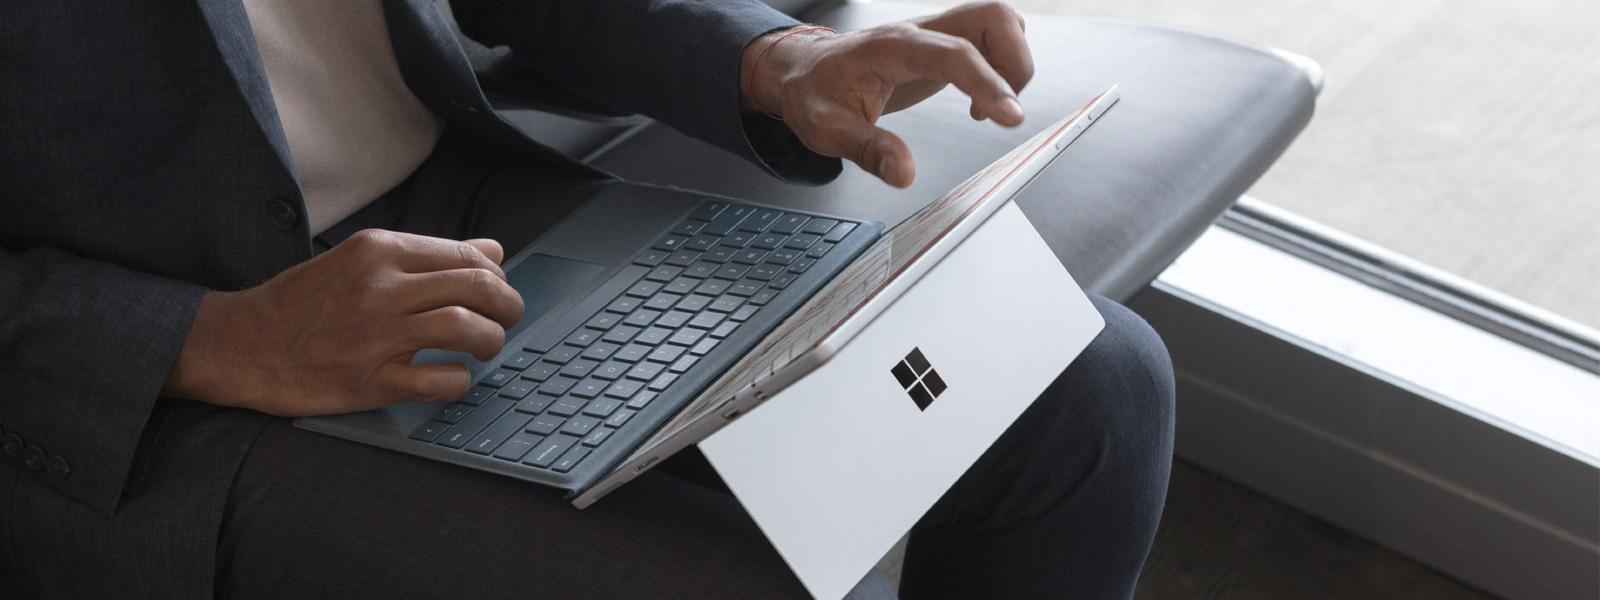 سيدتان تستخدمان Surface JLTE مع طي لوحة المفاتيح أسفله في مقهى.